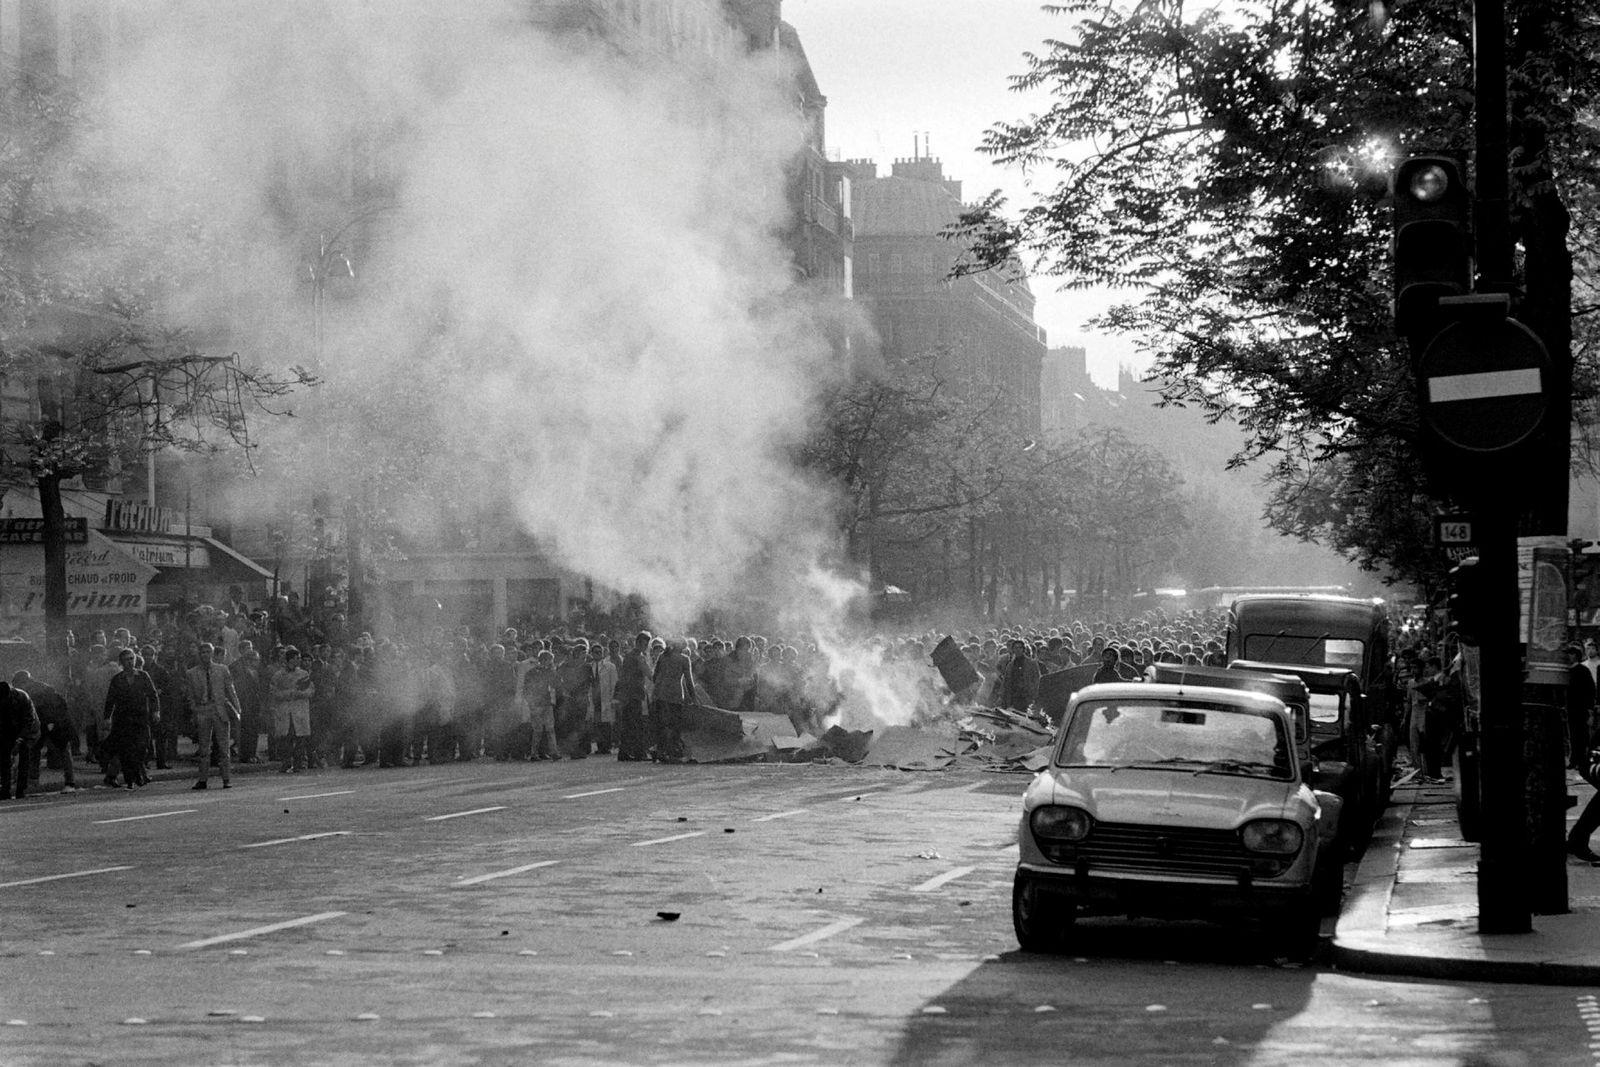 Barrikadene er i brann under en studentdemonstrasjon i Latinerkvarteret i Paris. Det som startet som et studentopprør utviklet seg, og dro med seg millioner av arbeidstakere. Det førte til at ti millioner franske arbeidere gikk ut i generalstreik.